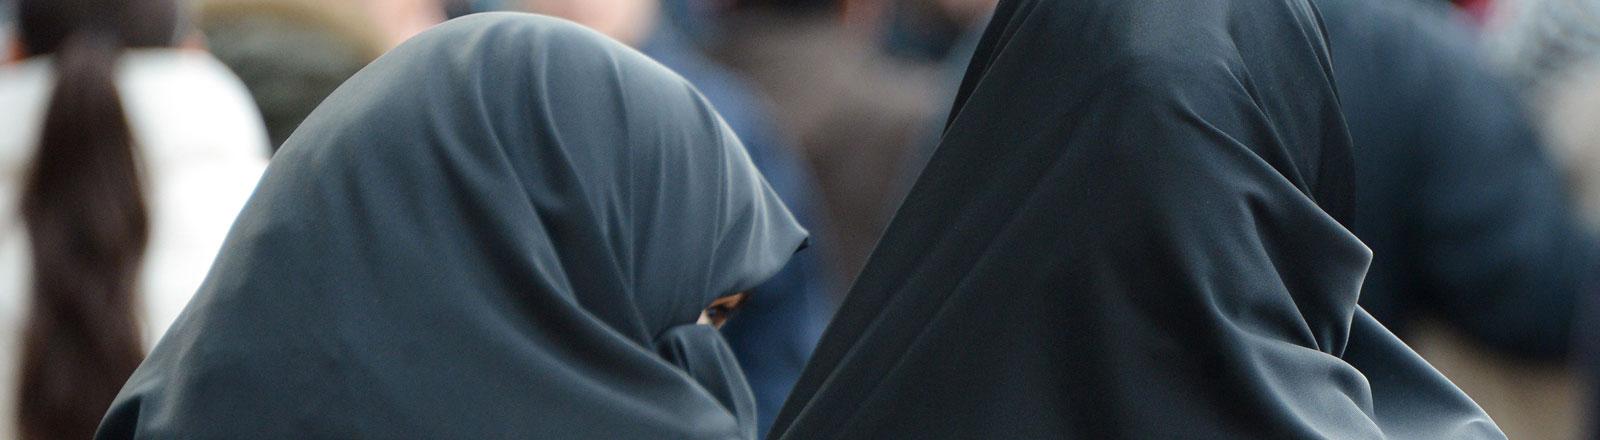 Verschleierte Frauen nehmen am 18.01.2014 auf dem Marktplatz in Pforzheim (Baden-Württemberg) an einer Veranstaltung des islamischen Predigers Pierre Vogel teil.